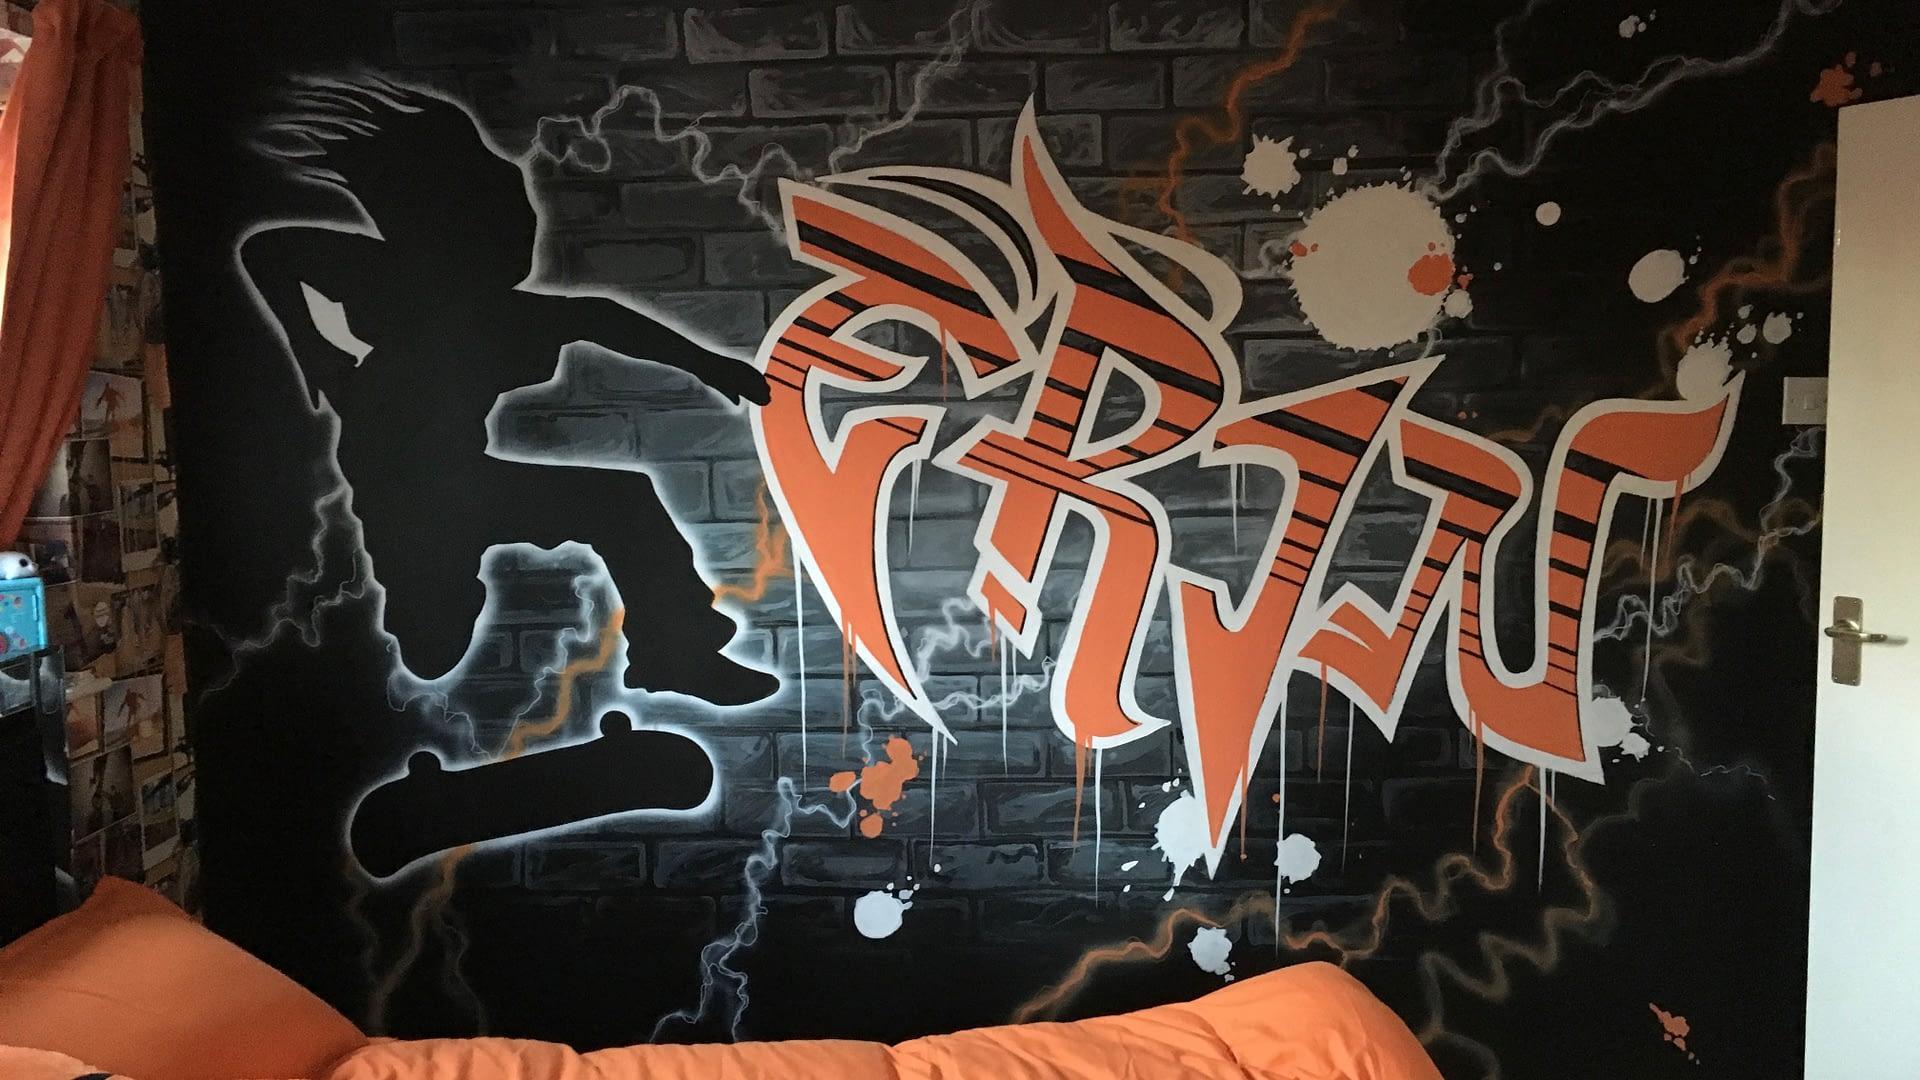 Erin Graffiti